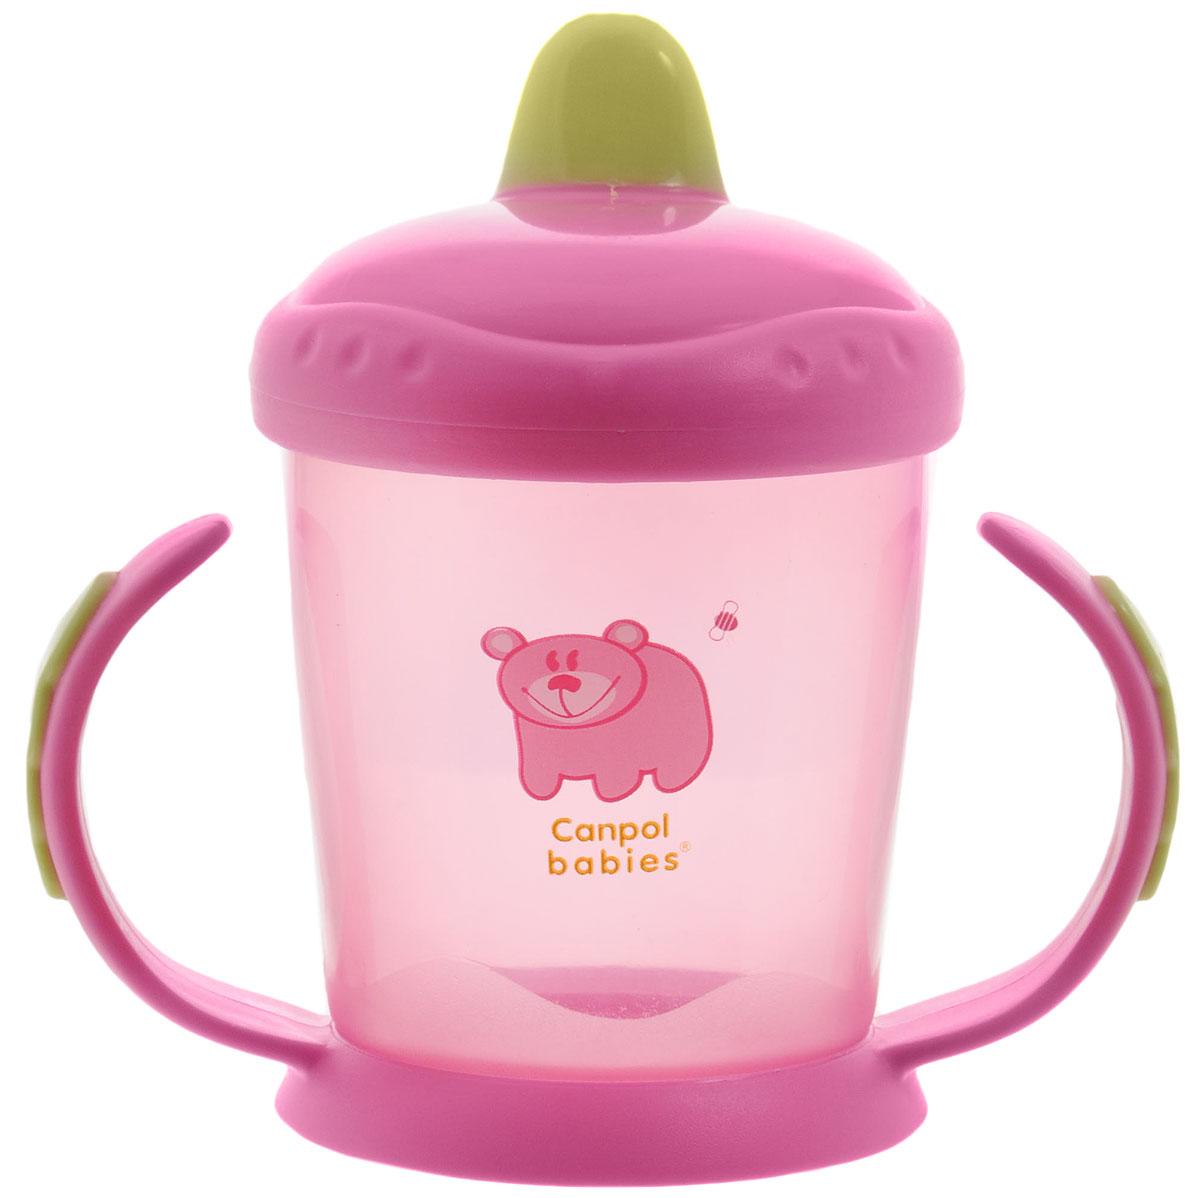 Canpol Babies Поильник-непроливайка от 9 месяцев цвет розовый 220 мл56/505_розовыйПоильник-непроливайка Canpol Babies поможет вашему малышу незаметно перейти от кормления из бутылочки к самостоятельному питью. Изготовлен из ударопрочного и износостойкого материала, оснащен уникальным клапаном, который разработан таким образом, чтобы ребенок мог пить самостоятельно, не проливая при этом содержимое. Фигурные ручки не скользят и позволяют ребенку легко хватать, удерживать его в своих маленьких ручках. Поильник имеет жесткий носик. Оригинальный яркий, контрастный узор привлечет и вызовет интерес у малыша. Не содержит бисфенол-А.